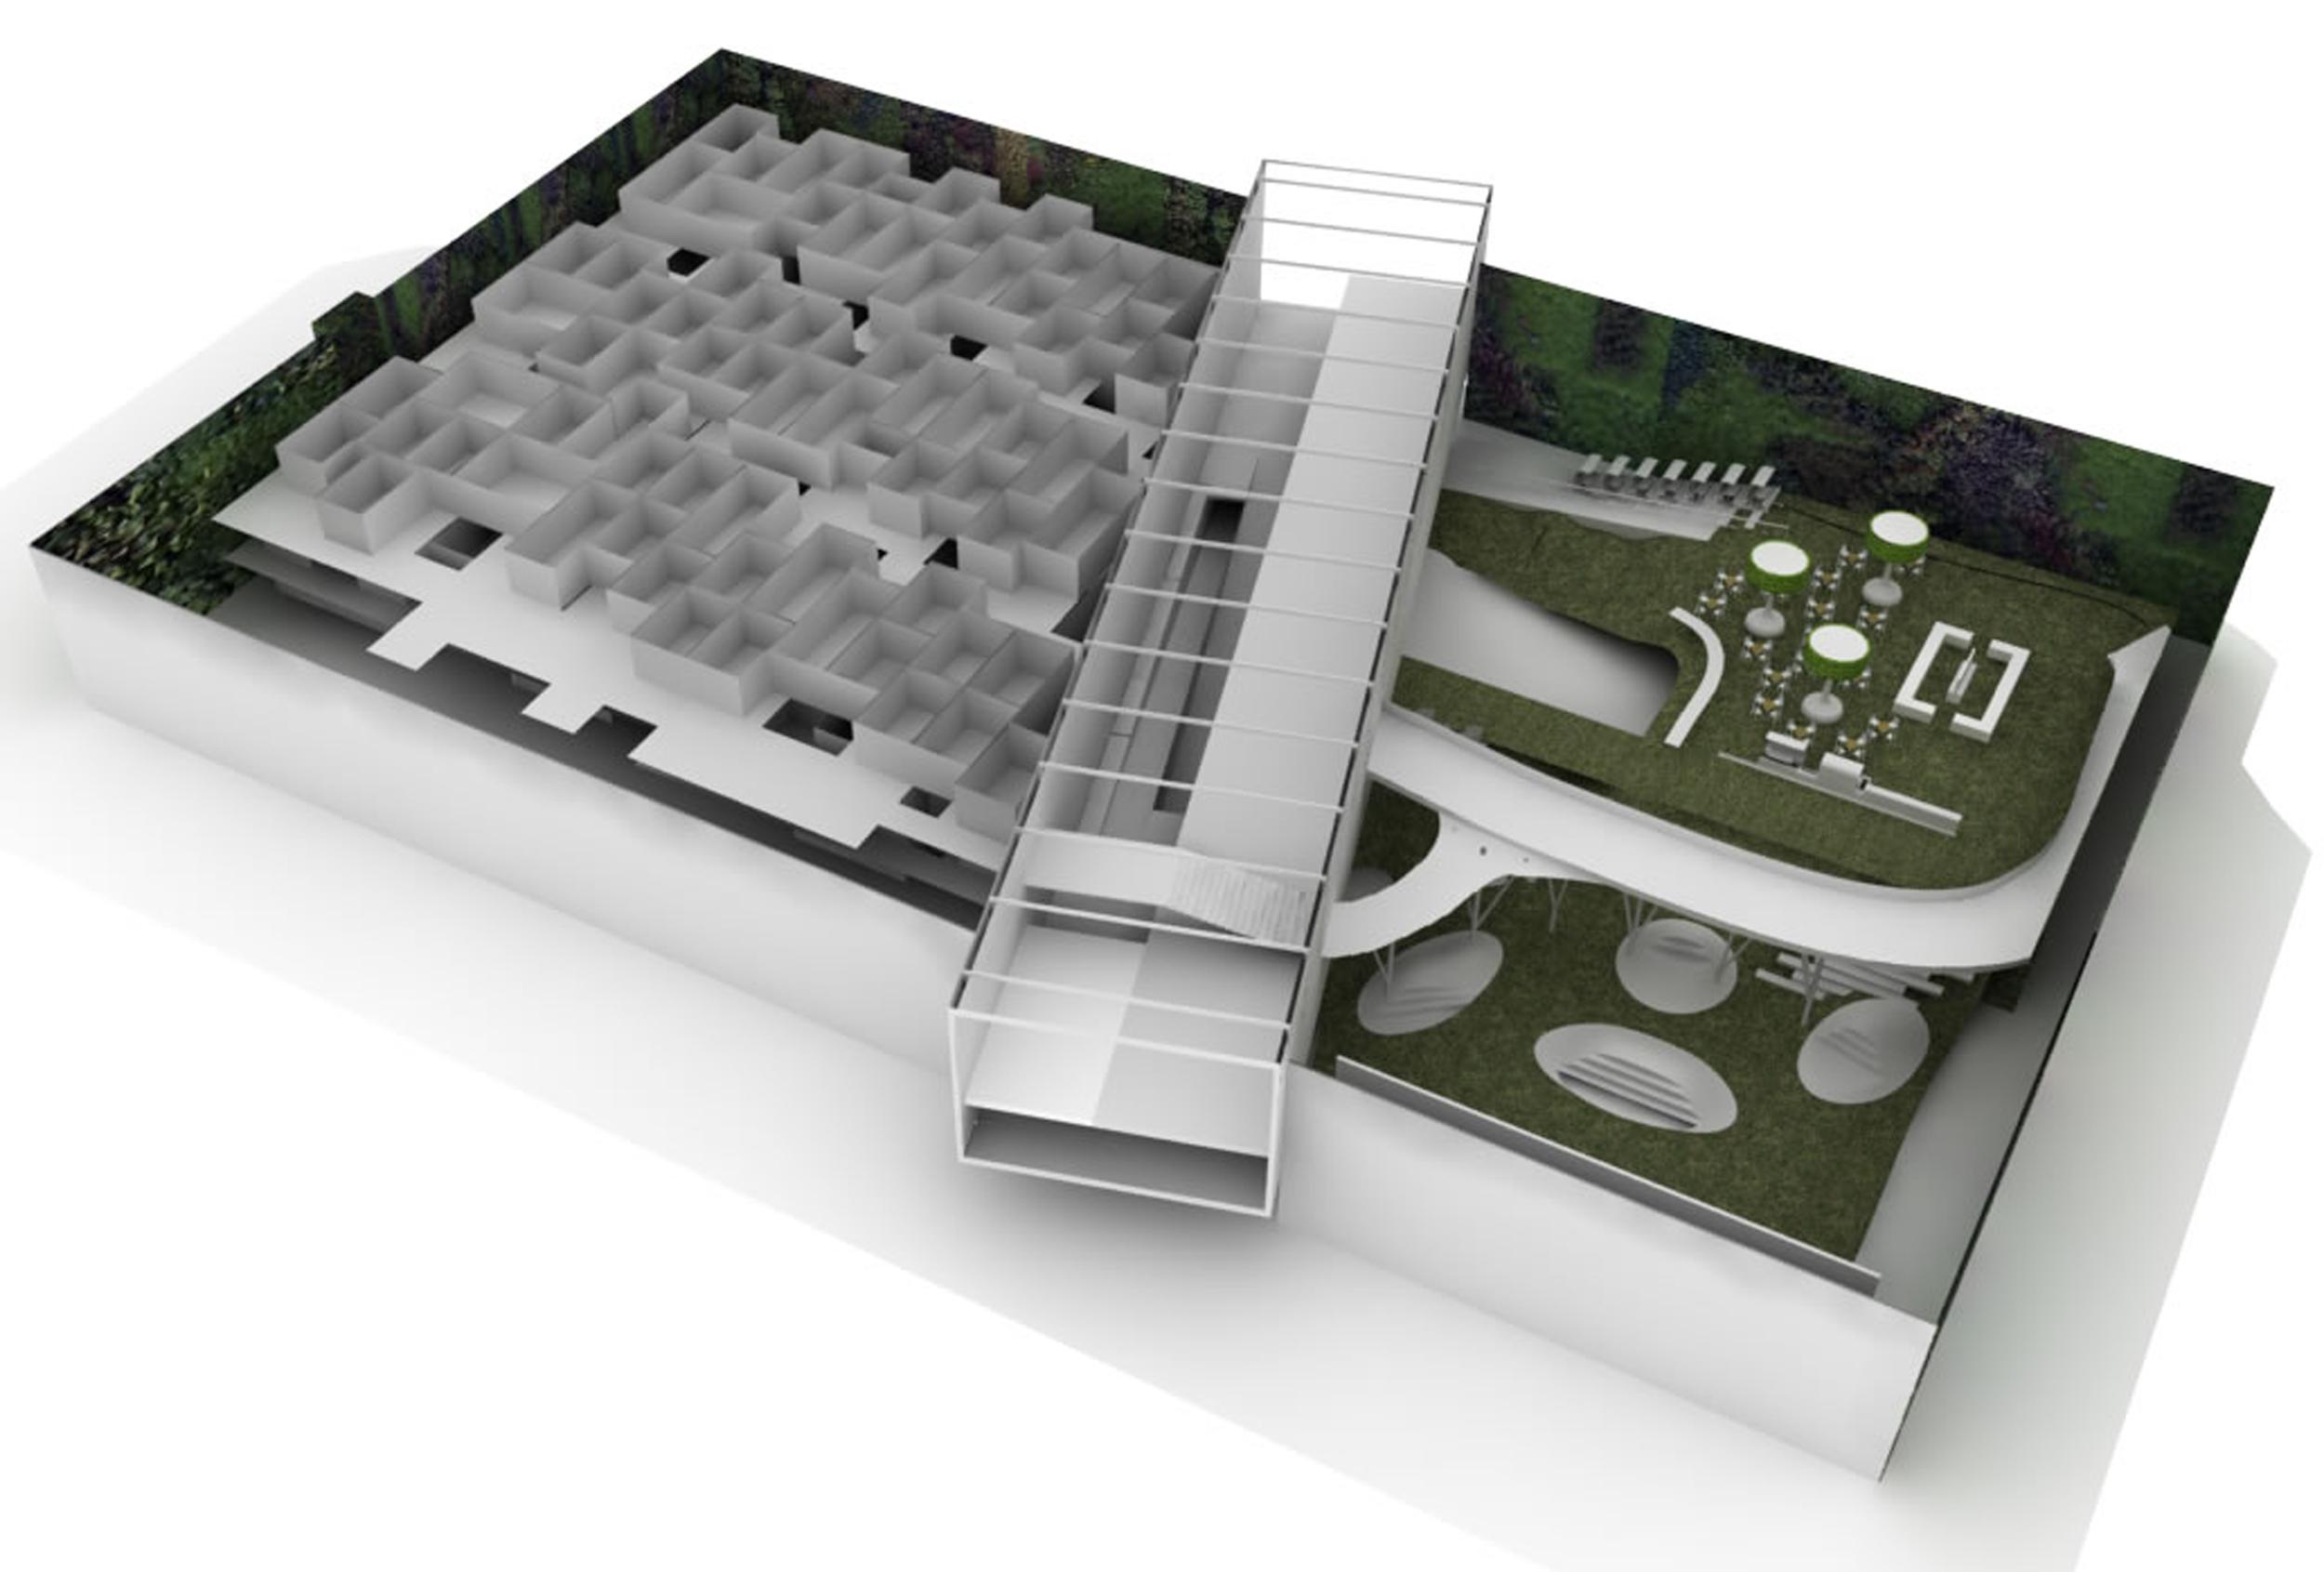 05-entire building diagram.jpg